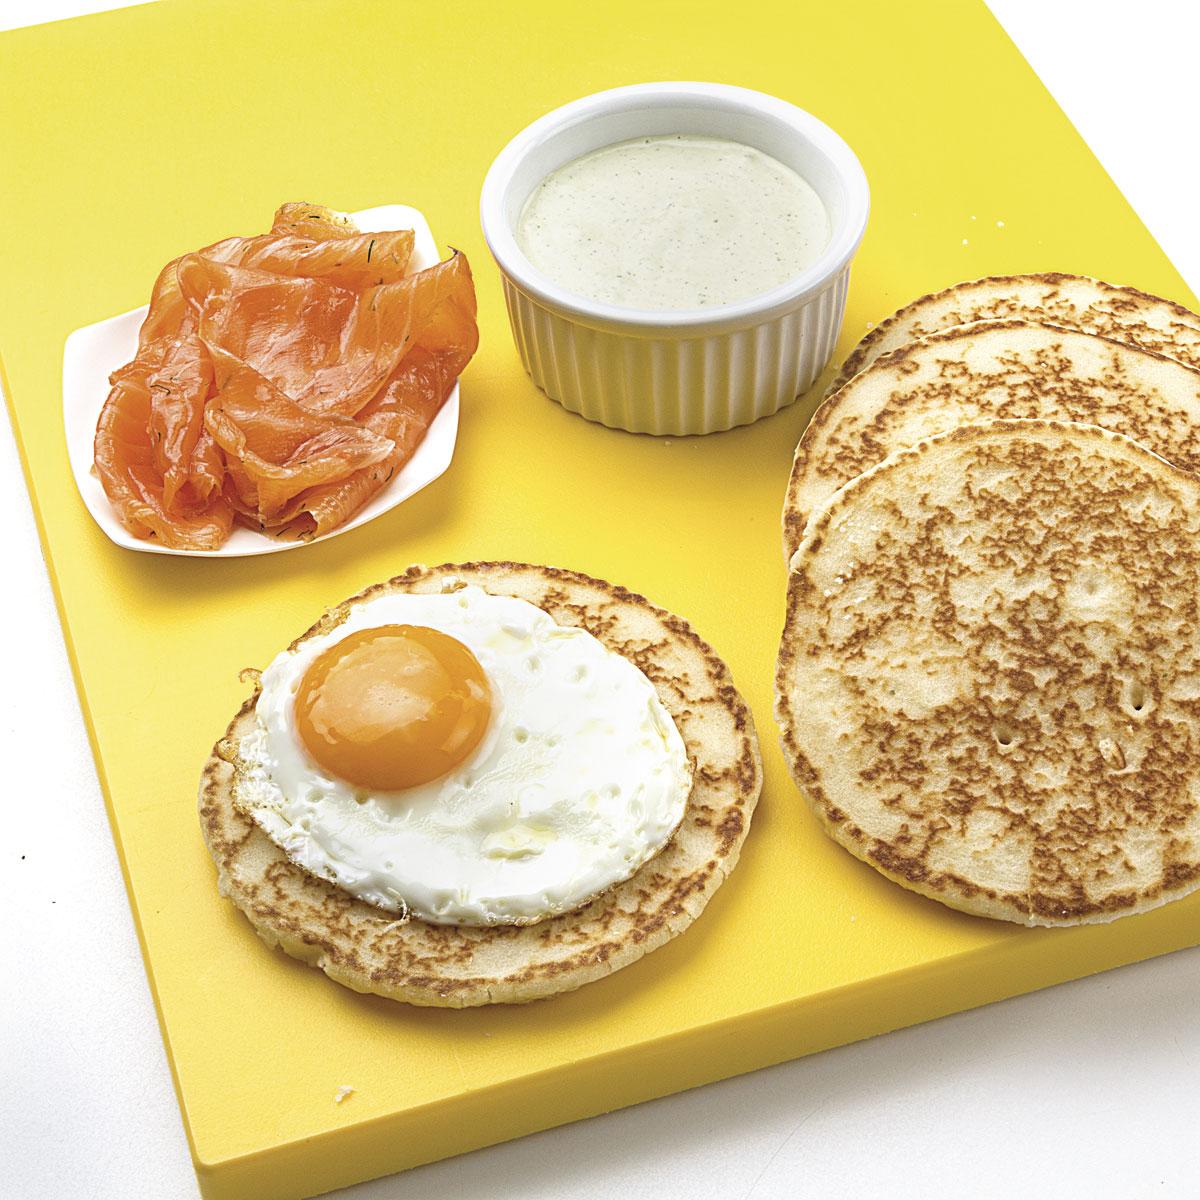 Quieres hacer huevos a la plancha con salm n deliciosa for Como cocinar salmon plancha